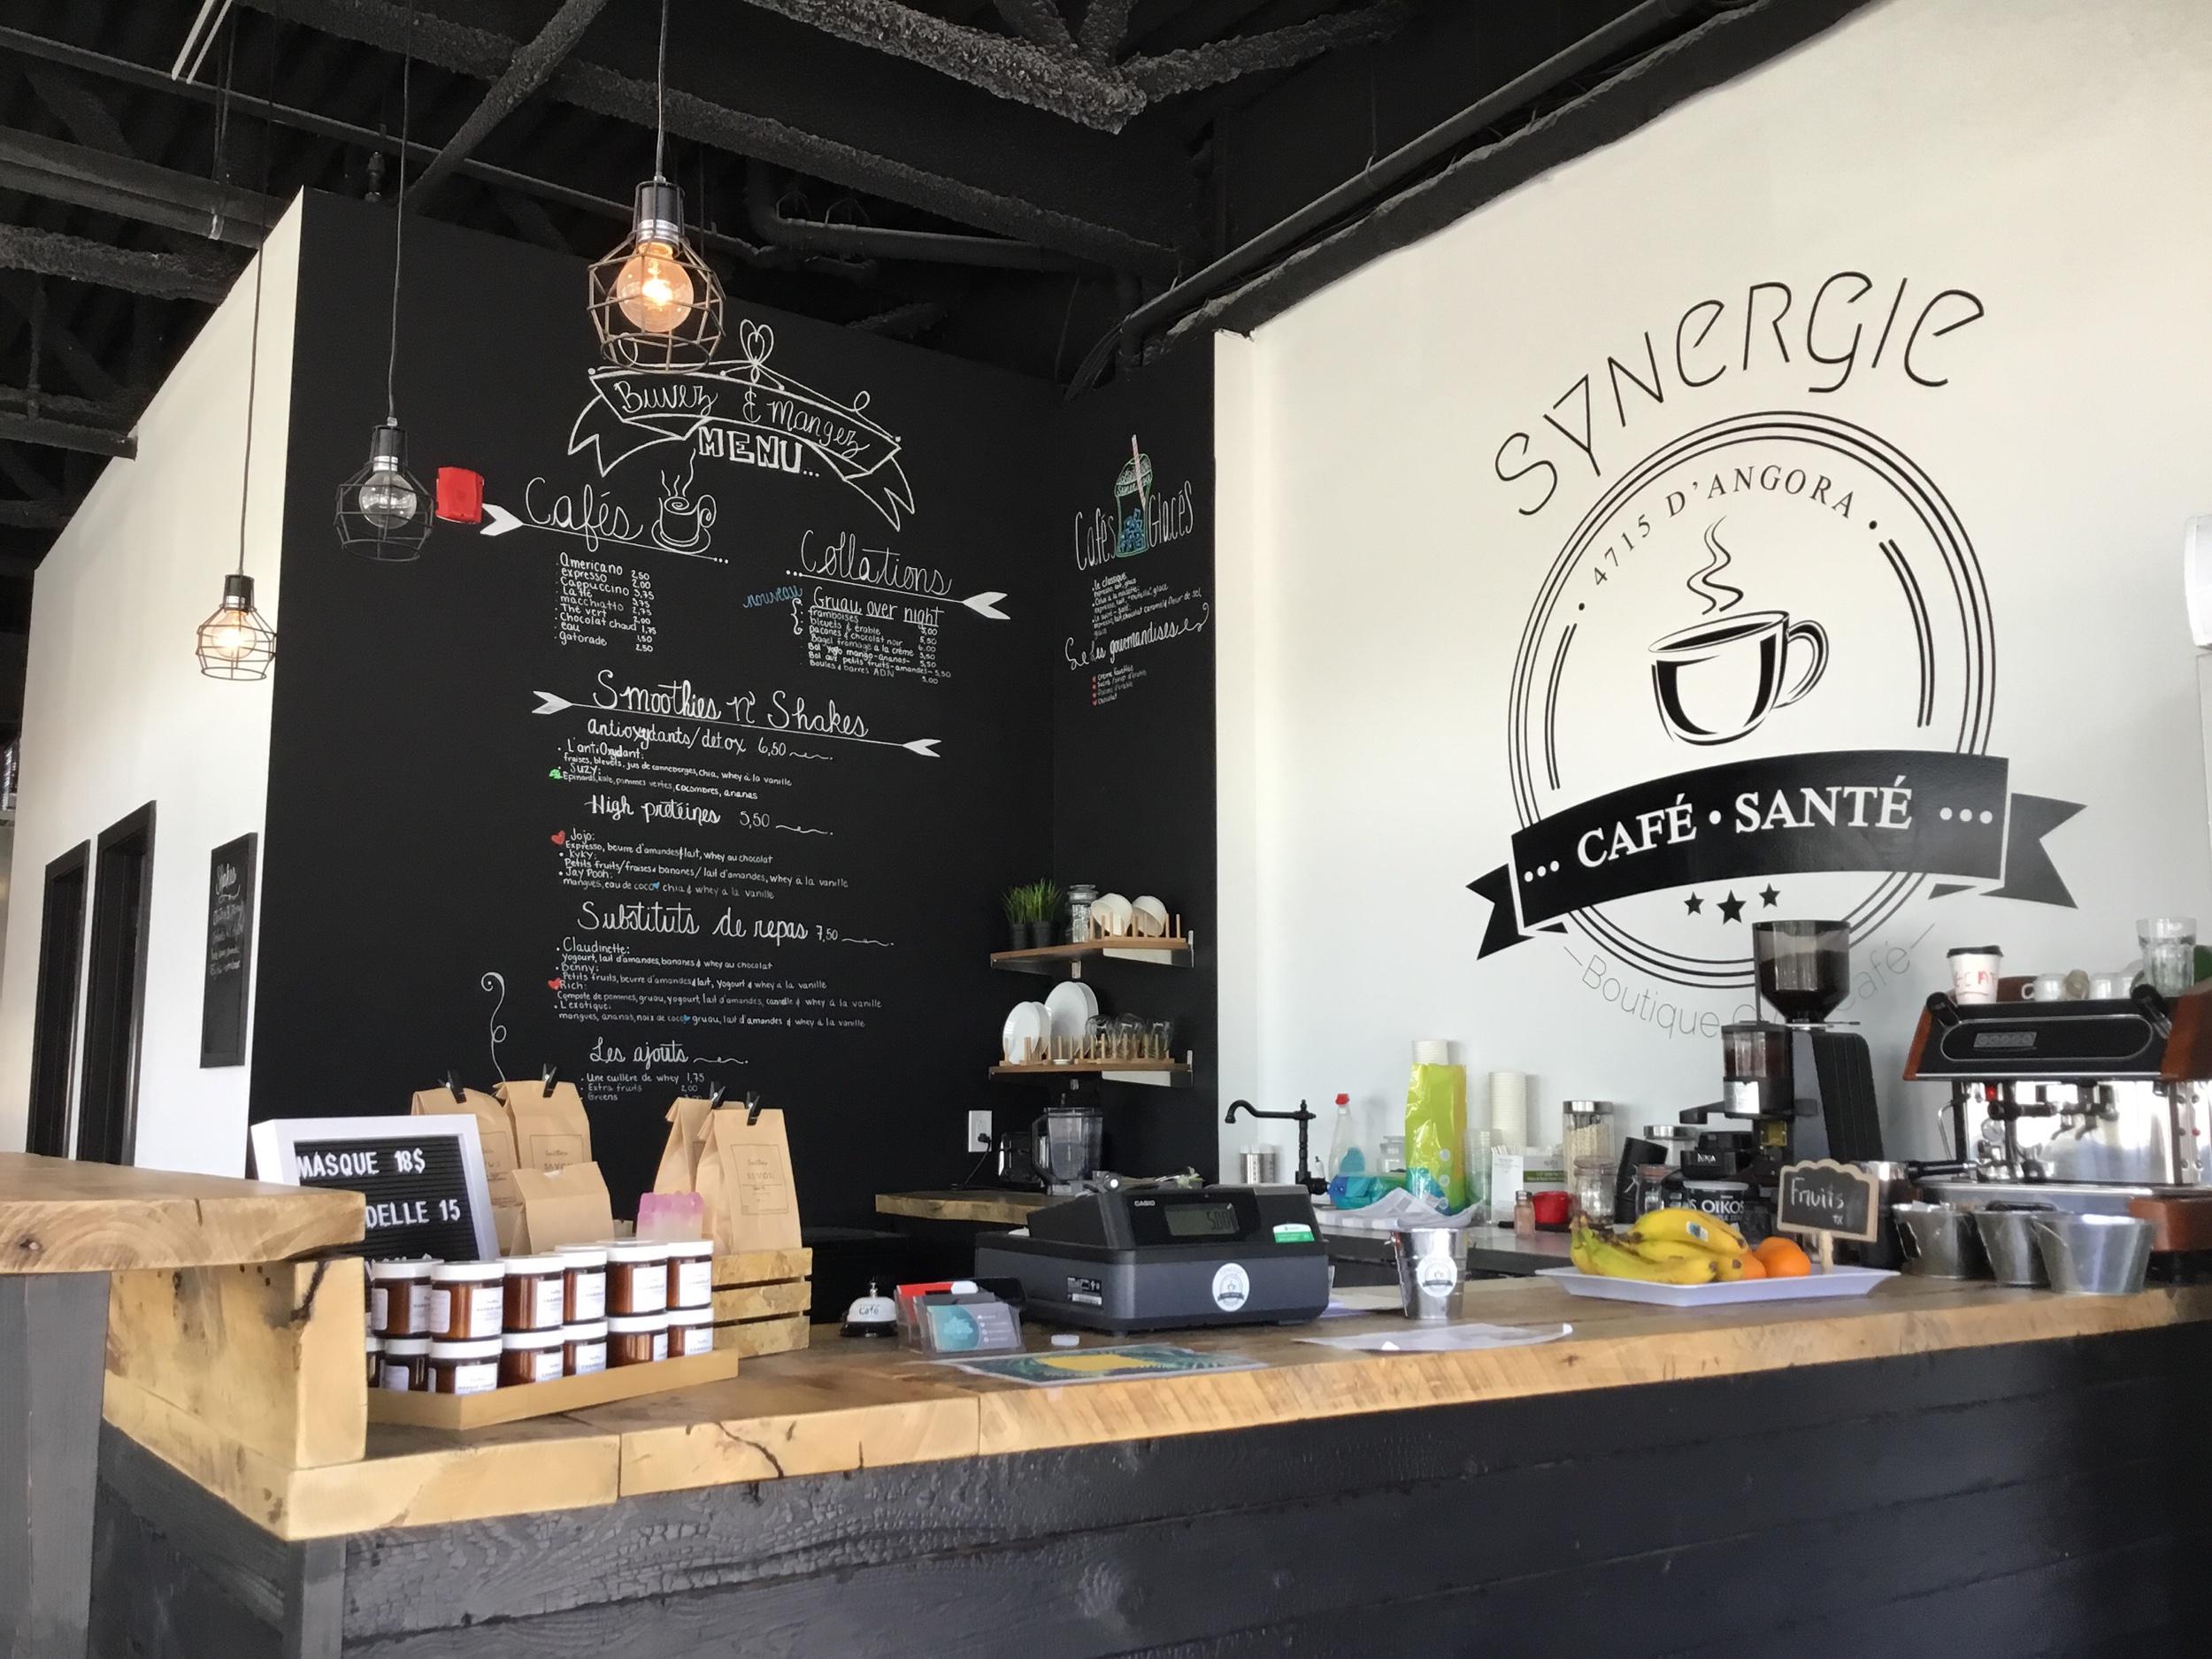 CAFÉ SYNERGIE - Un nouveau concept de café | bar à jus à Terrebonne. Venez découvrir nos différents smoothies, cafés glacés, cafés spécialisés, collations santé et repas prêt-à-manger. L'endroit idéal pour une petite pause santé sur la route entre deux clients, une balade de vélo ou de course à pied!P.S:Nous avons le WI-FI pour venir travailler ou étudier!